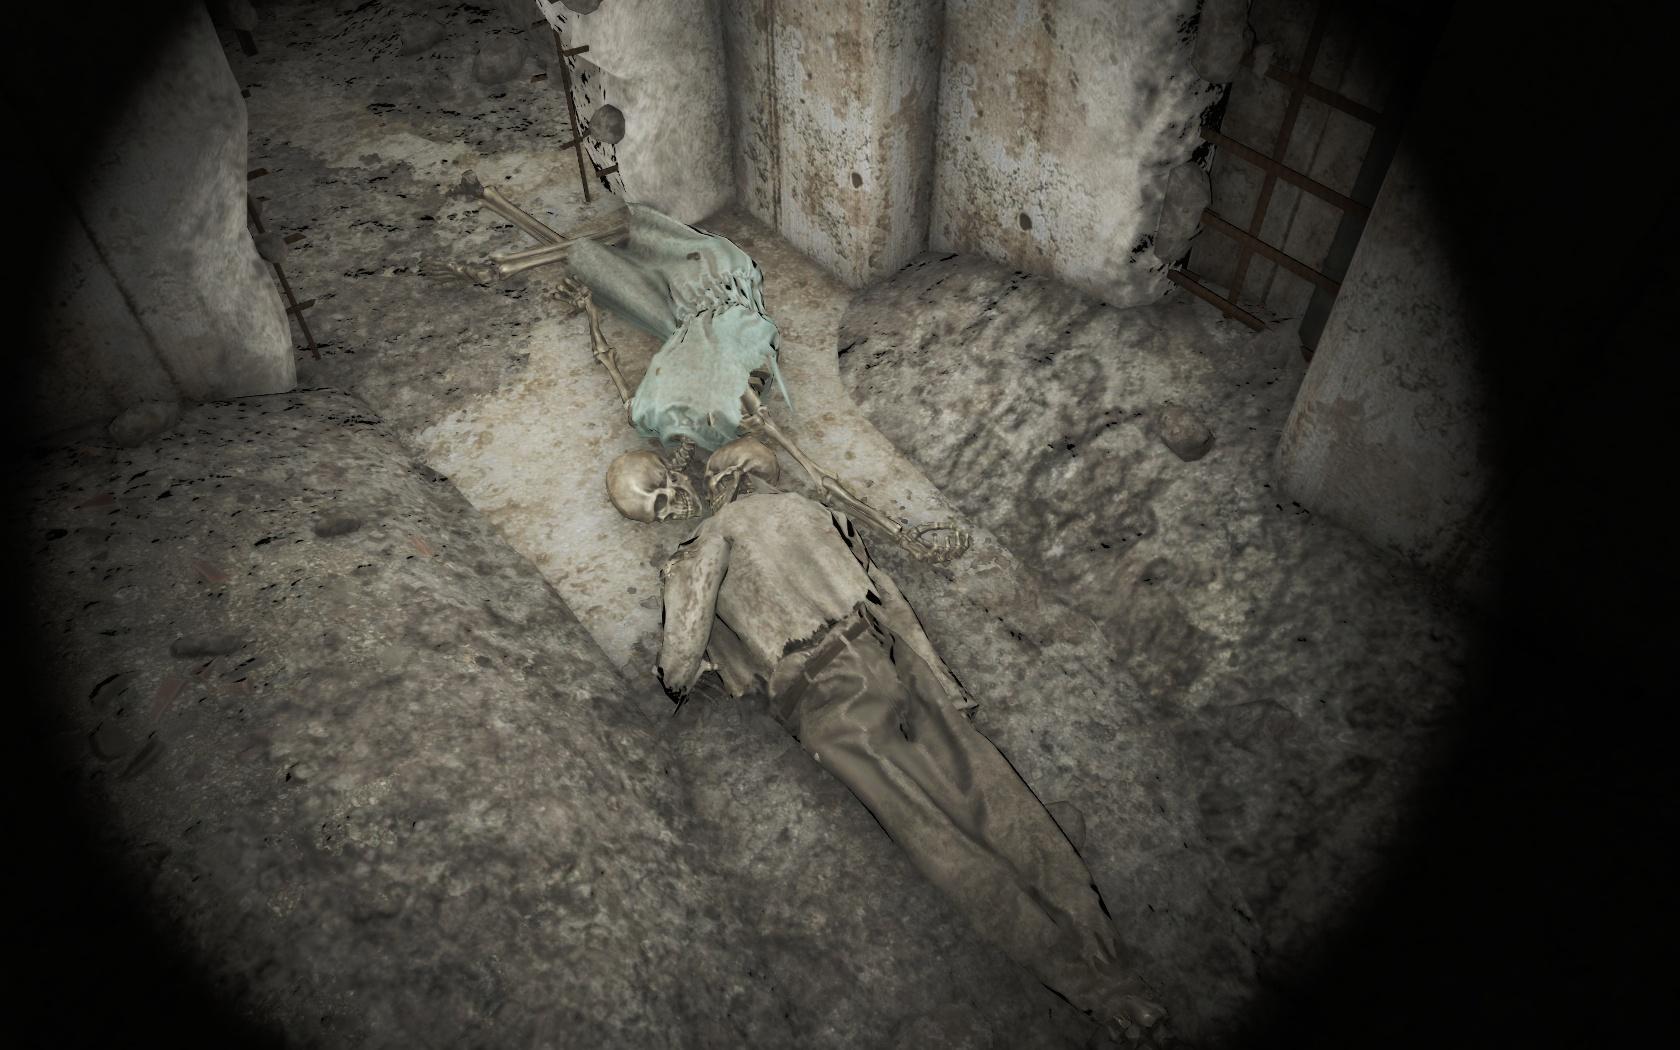 Прощальный поцелуй (Психиатрическая больница Парсонс) - Fallout 4 больница, Парсонс, Психиатрическая больница Парсонс, скелет